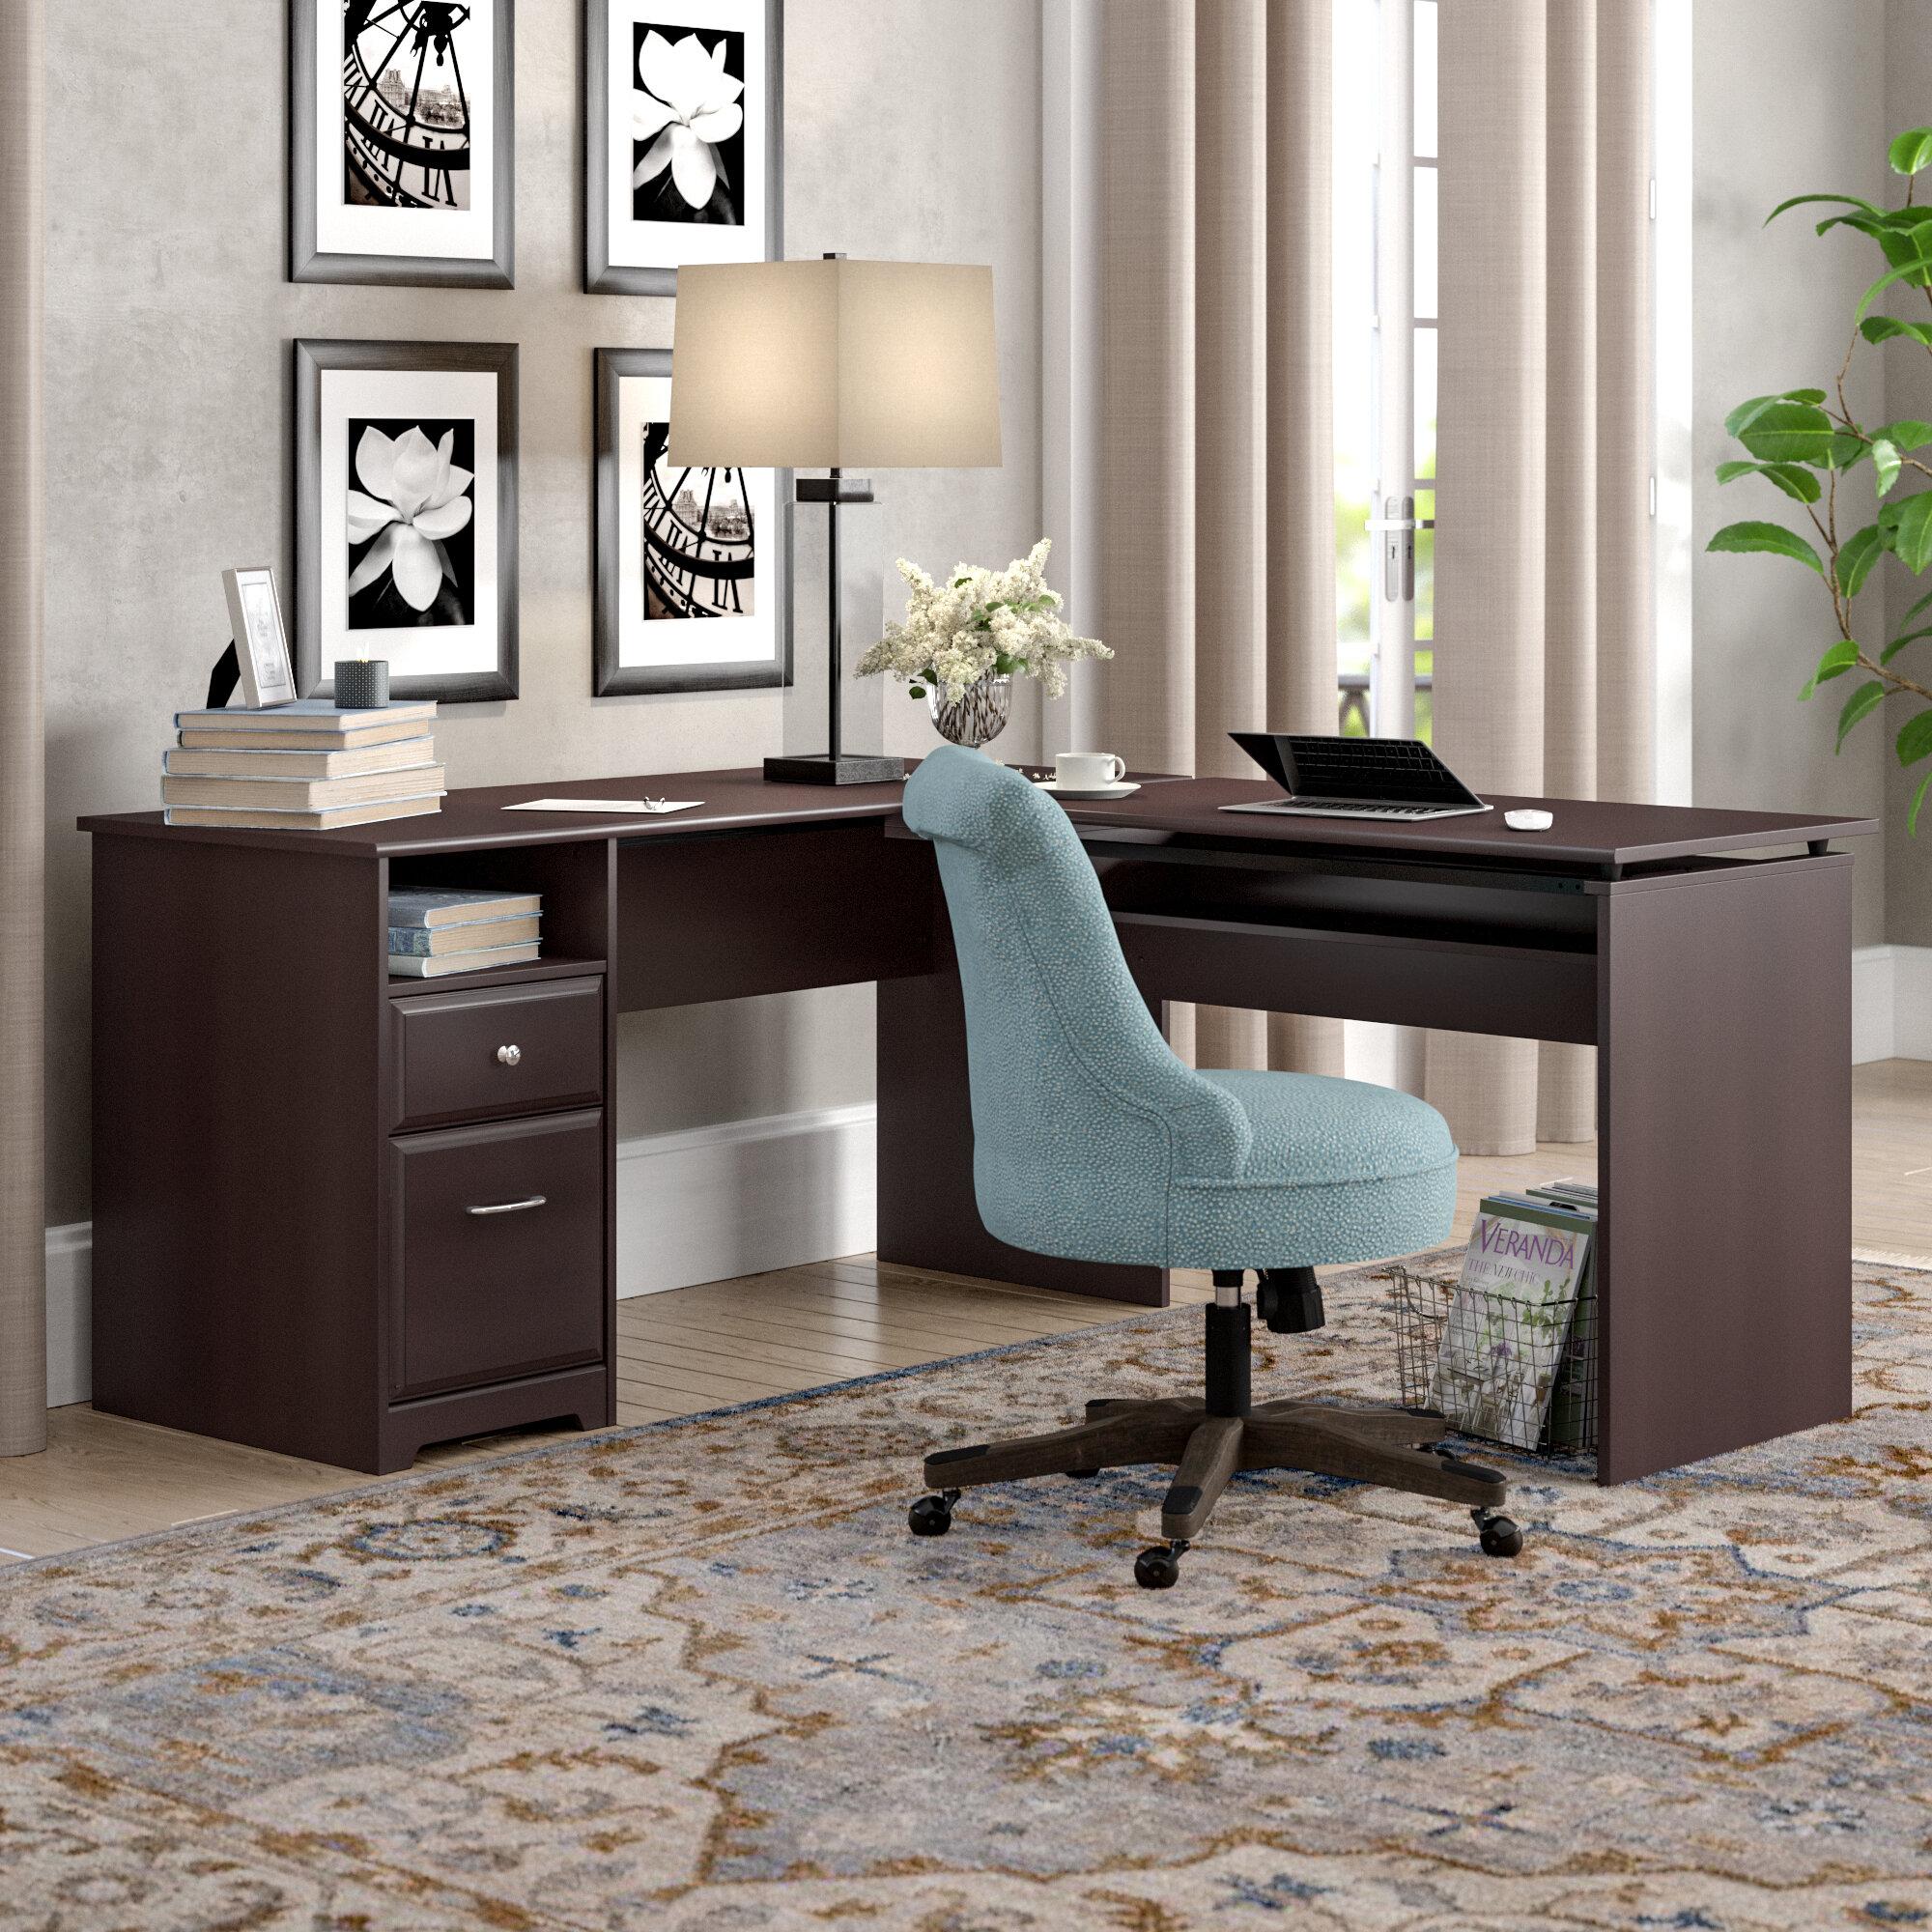 Red Barrel Studio Hillsdale L Shaped Height Adjustable Standing Desk &